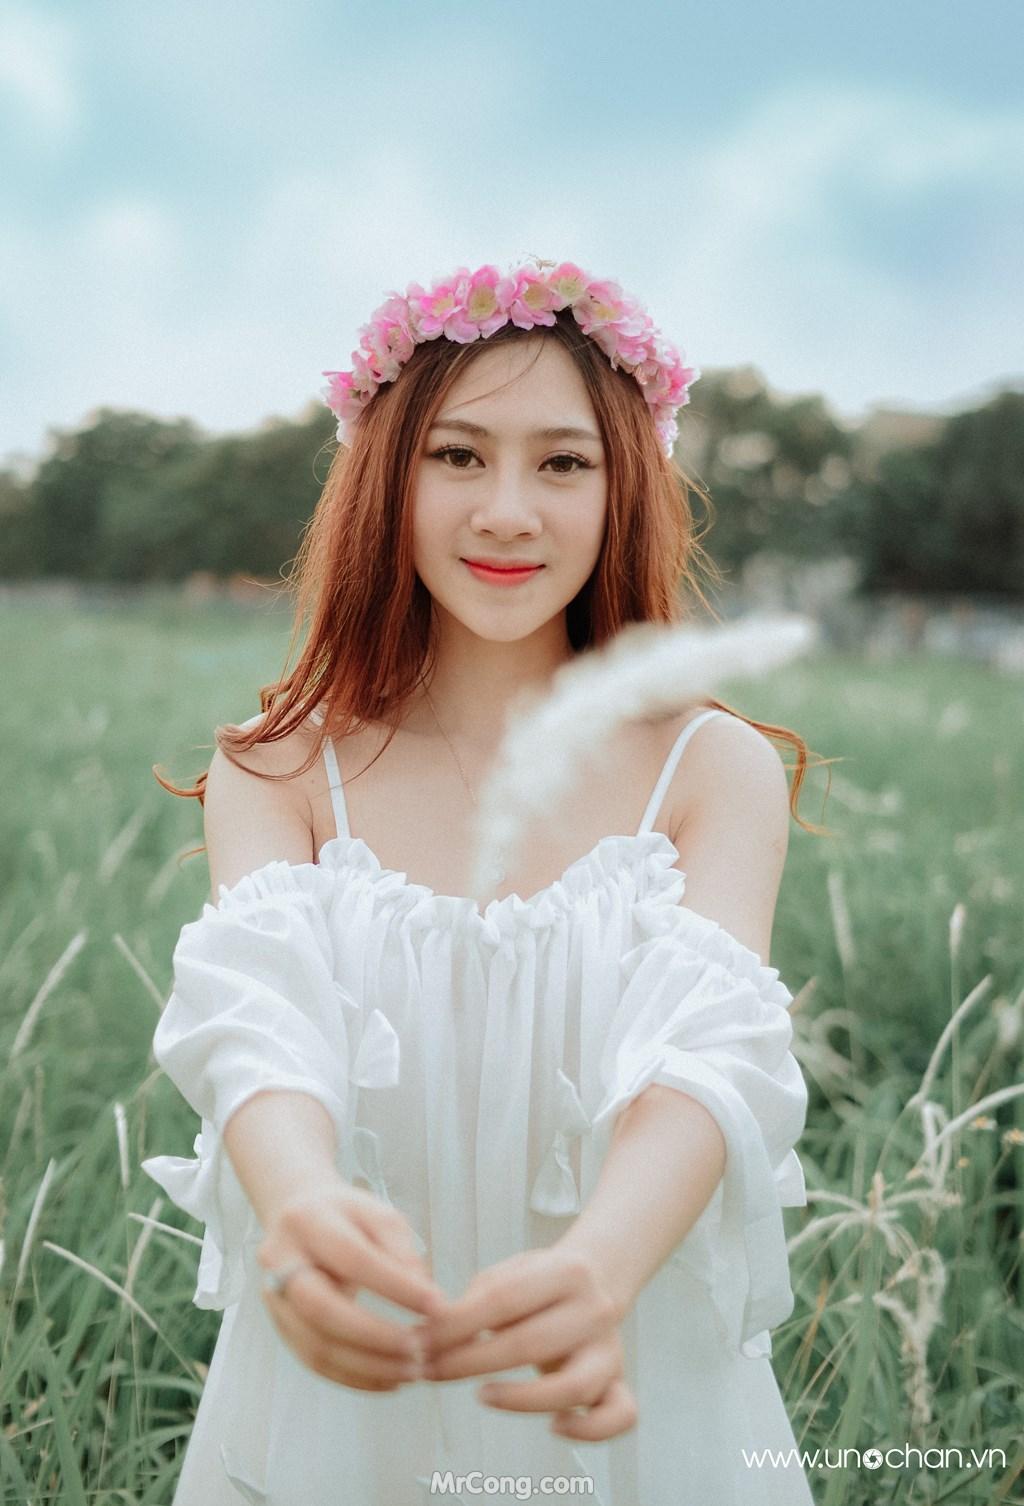 Image Vietnamese-Girls-by-Chan-Hong-Vuong-Uno-Chan-MrCong.com-126 in post Gái Việt duyên dáng, quyến rũ qua góc chụp của Chan Hong Vuong (250 ảnh)